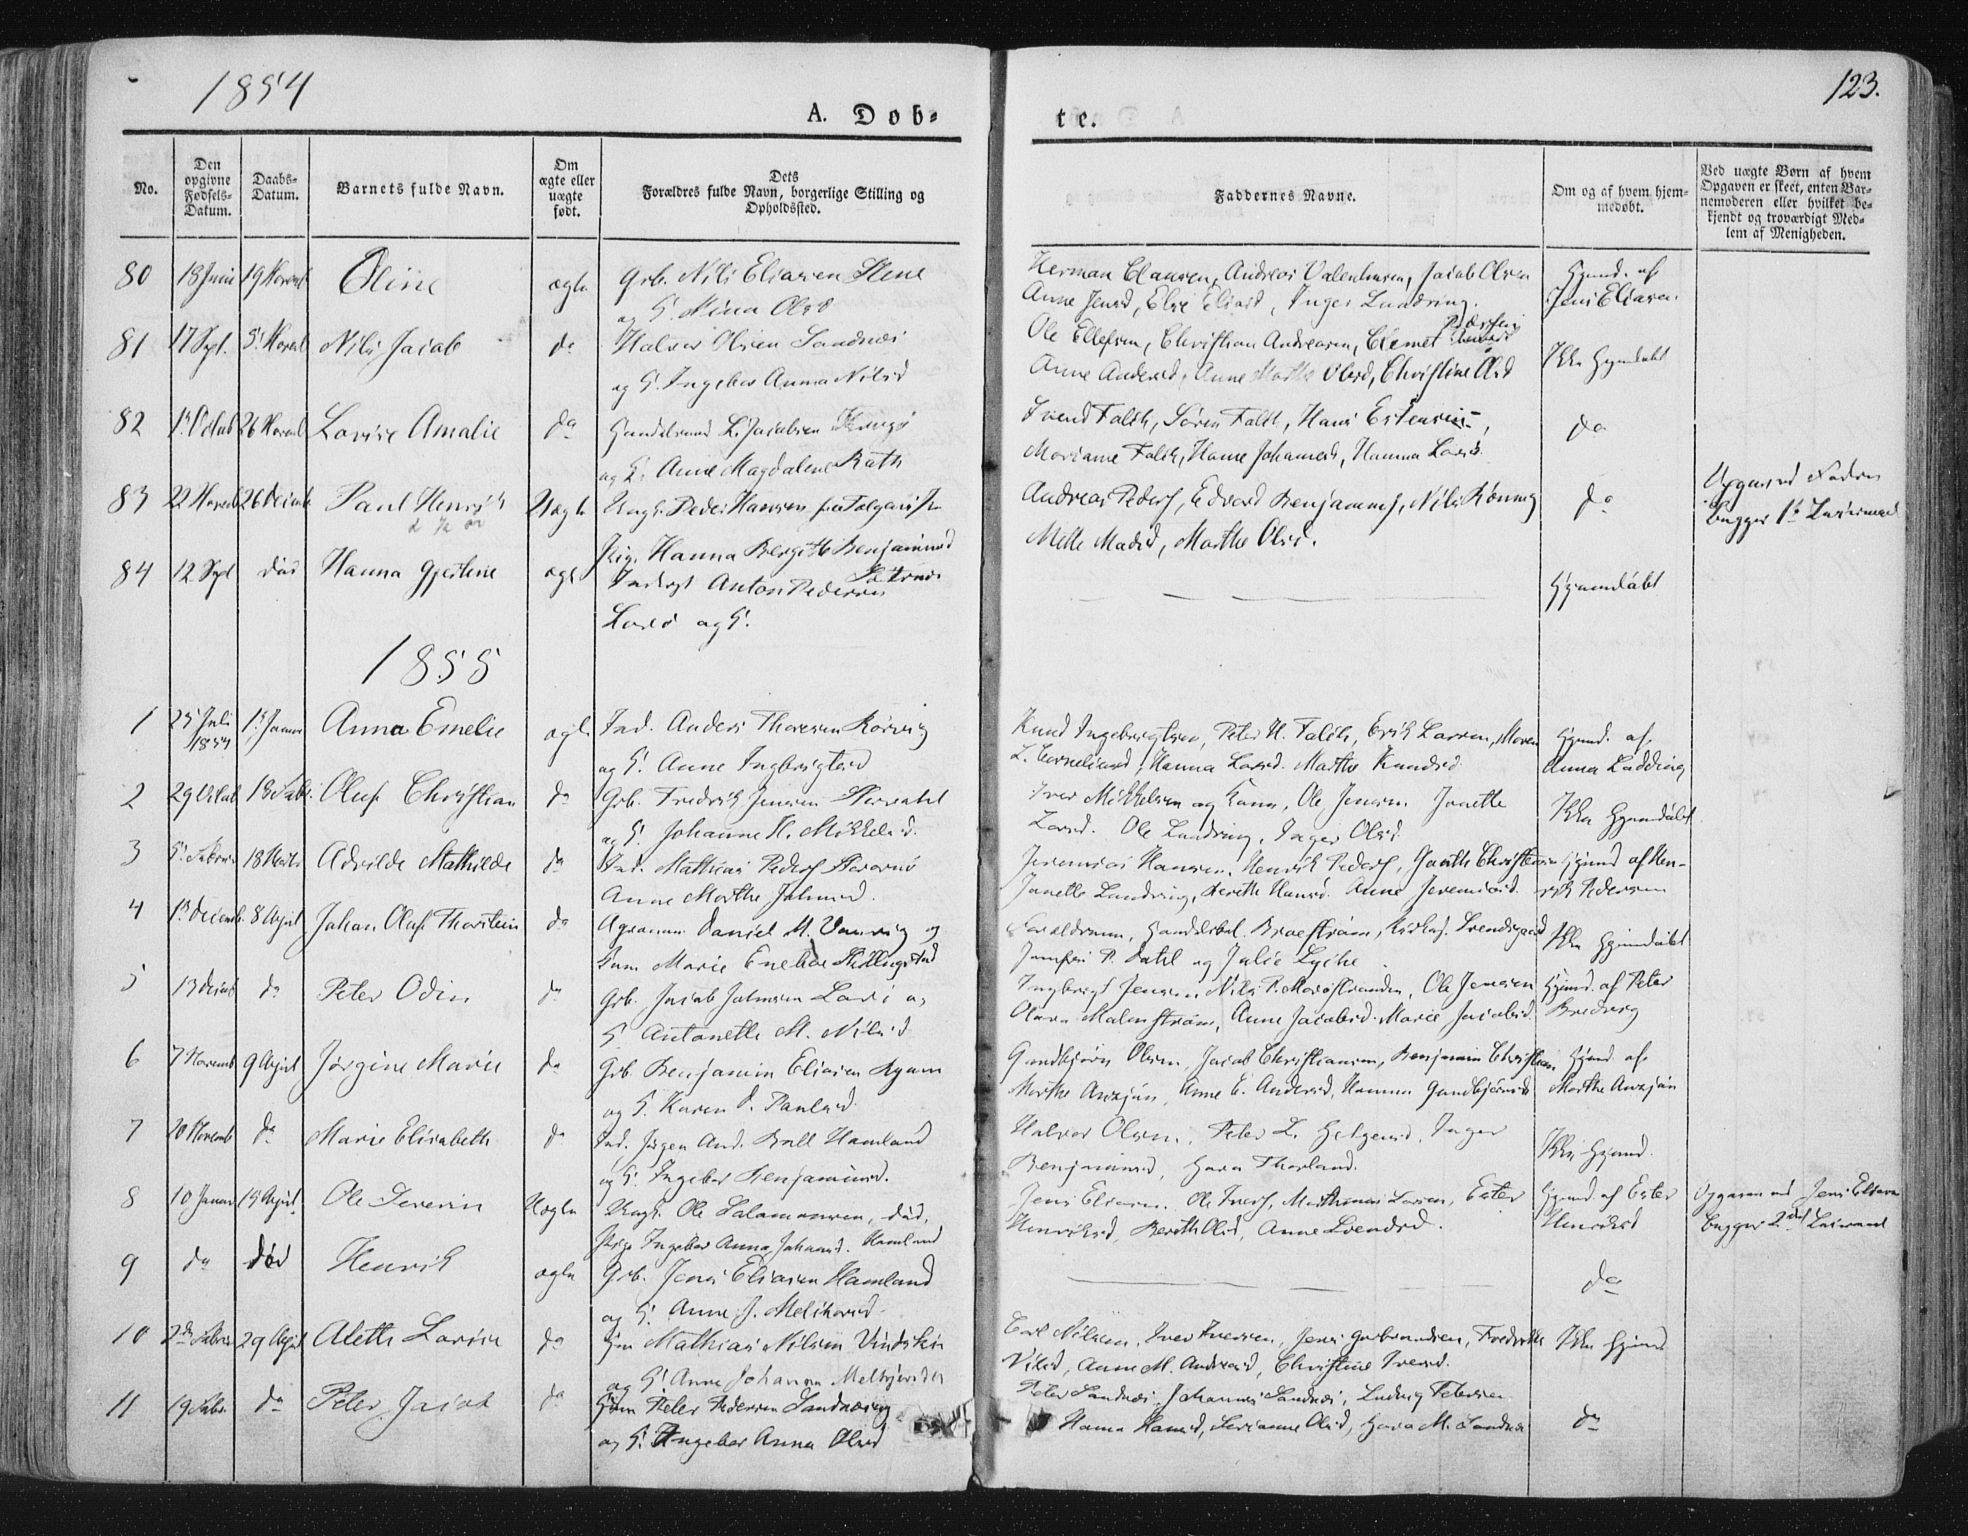 SAT, Ministerialprotokoller, klokkerbøker og fødselsregistre - Nord-Trøndelag, 784/L0669: Ministerialbok nr. 784A04, 1829-1859, s. 123